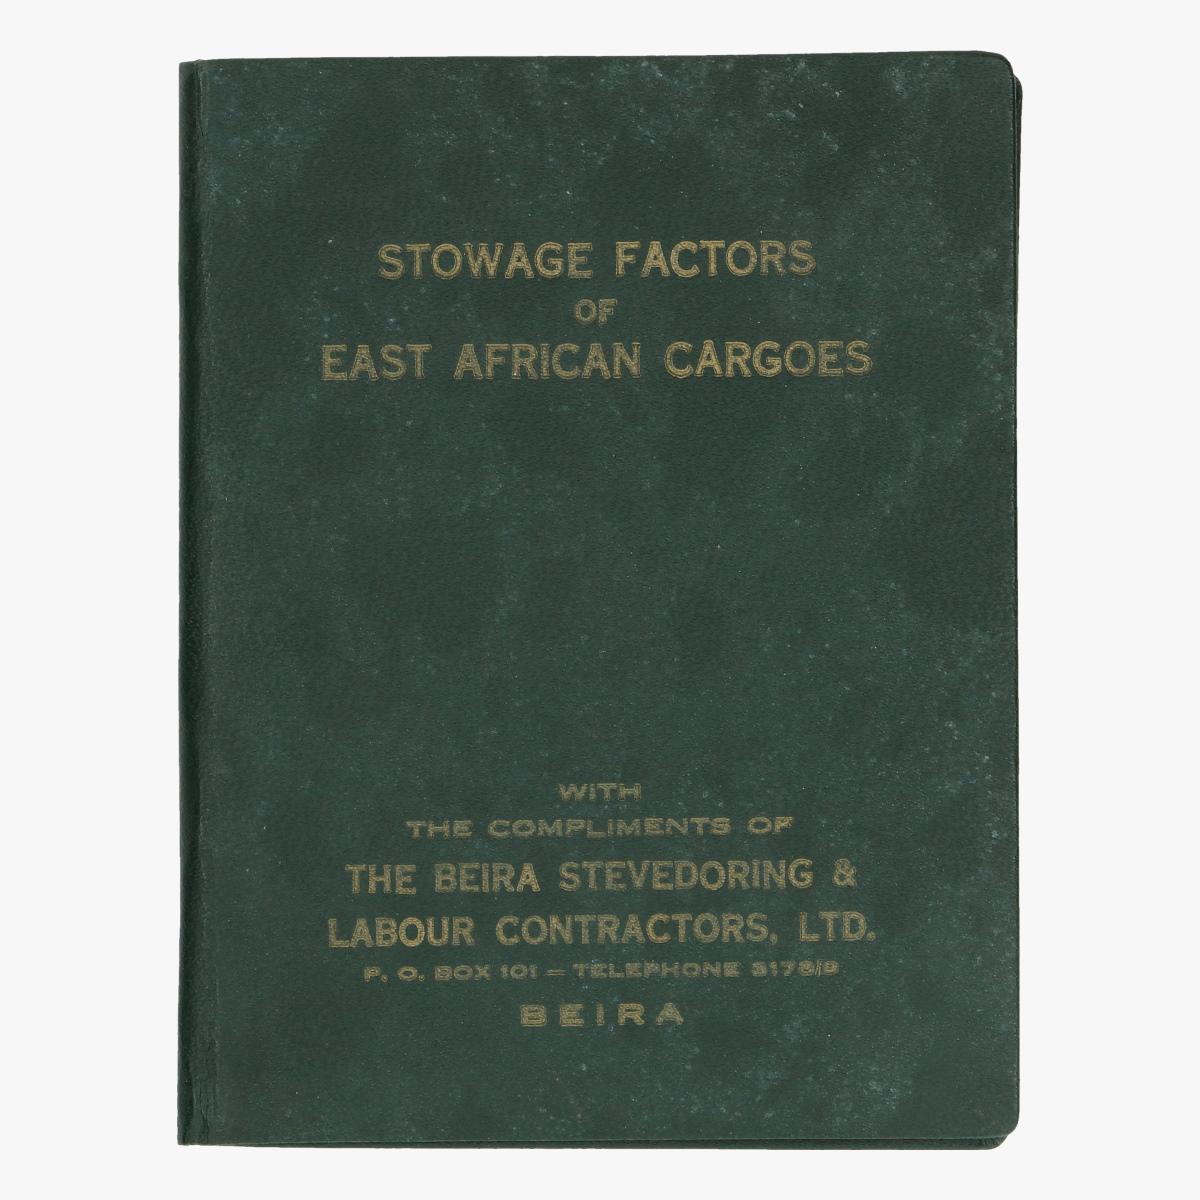 Afbeeldingen van boekje STOWAGE FACTORS OF EAST AFRICAN CARGOES